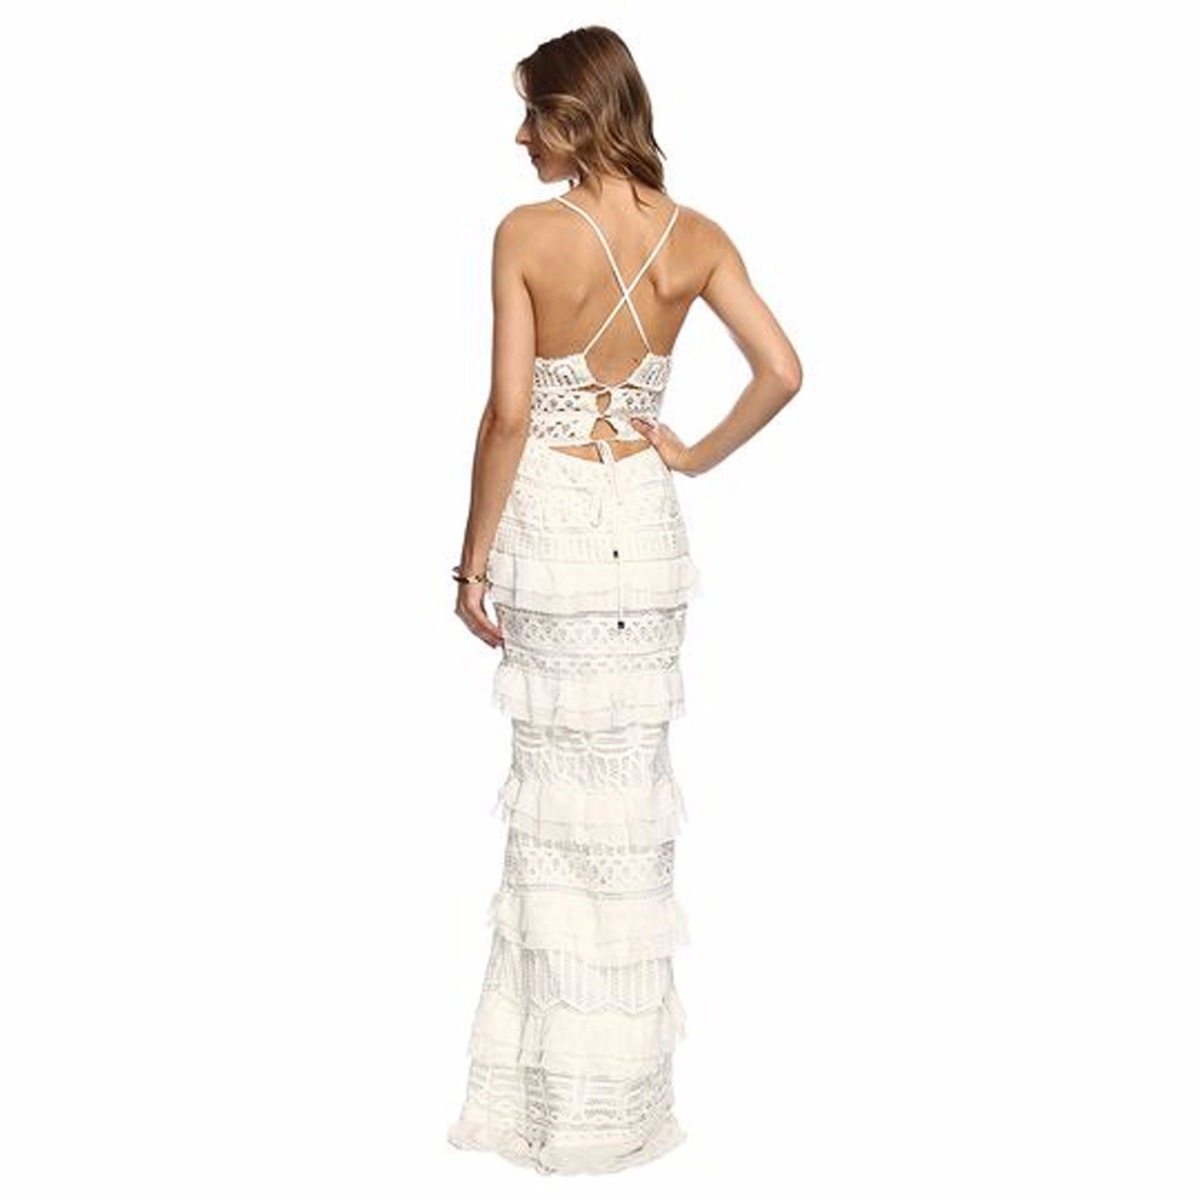 8e18f44ad Vestido Longo Fabulous Agilitá Renda Maravilhoso! Novo - R  1.280